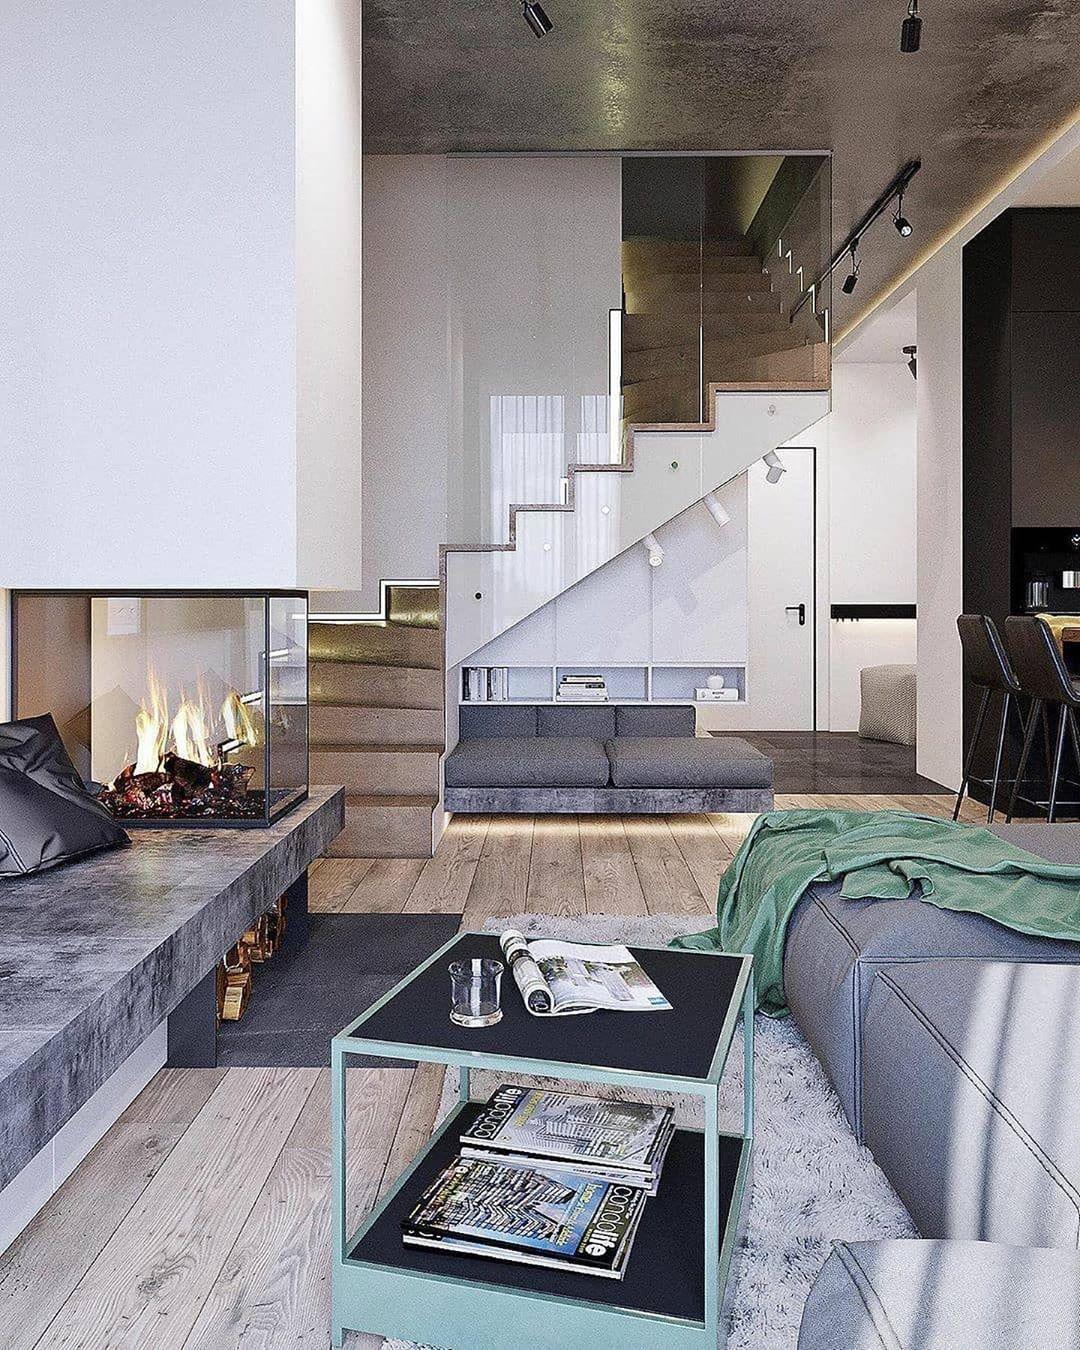 Best Market In Delhi For Home Decor Home Decor Furniture Design